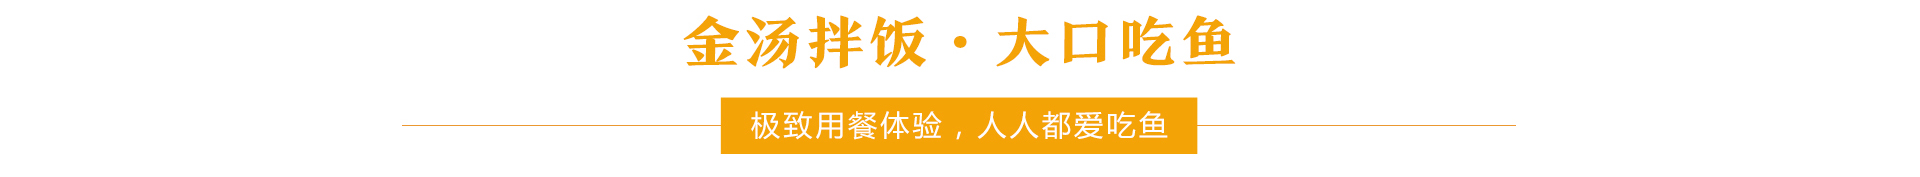 川小喵酸菜鱼cxm_14